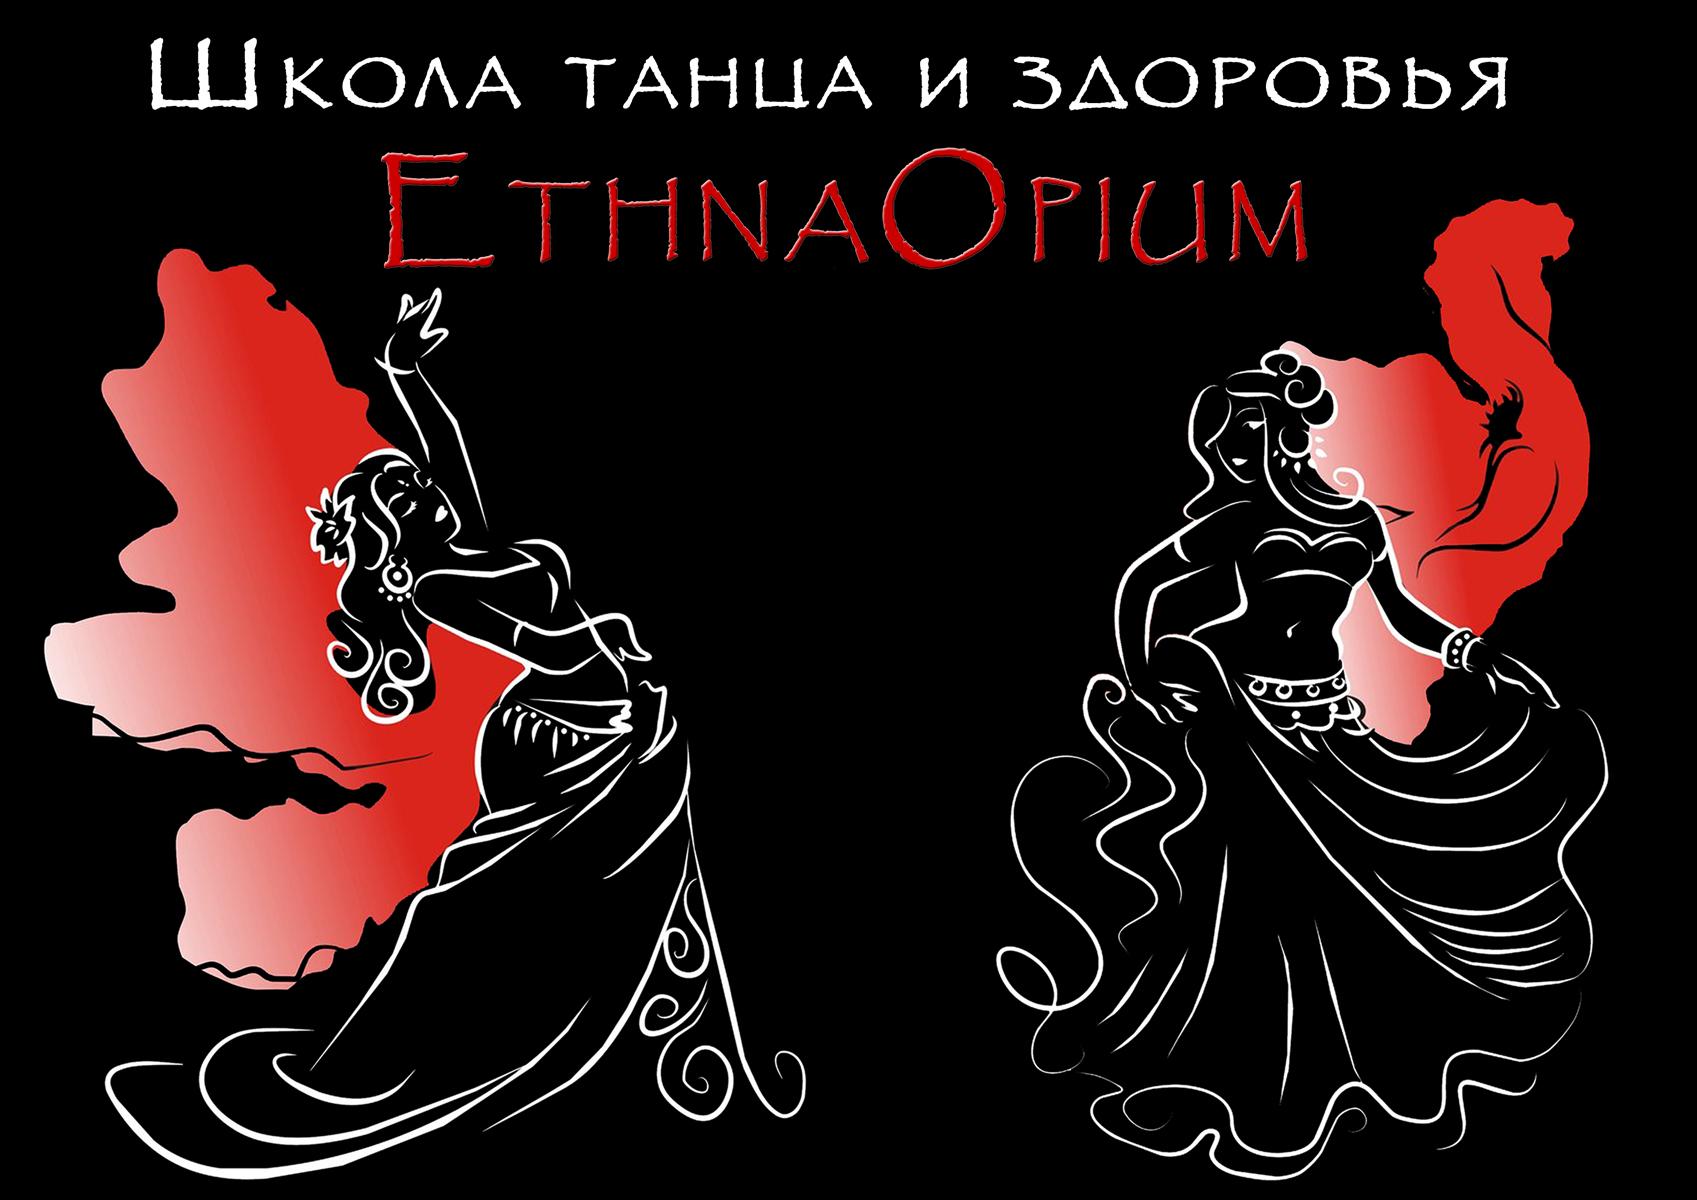 """Абонементы на трайбл в школе танца и здоровья """"ЭтнаОпиум"""" от 3,13 руб."""